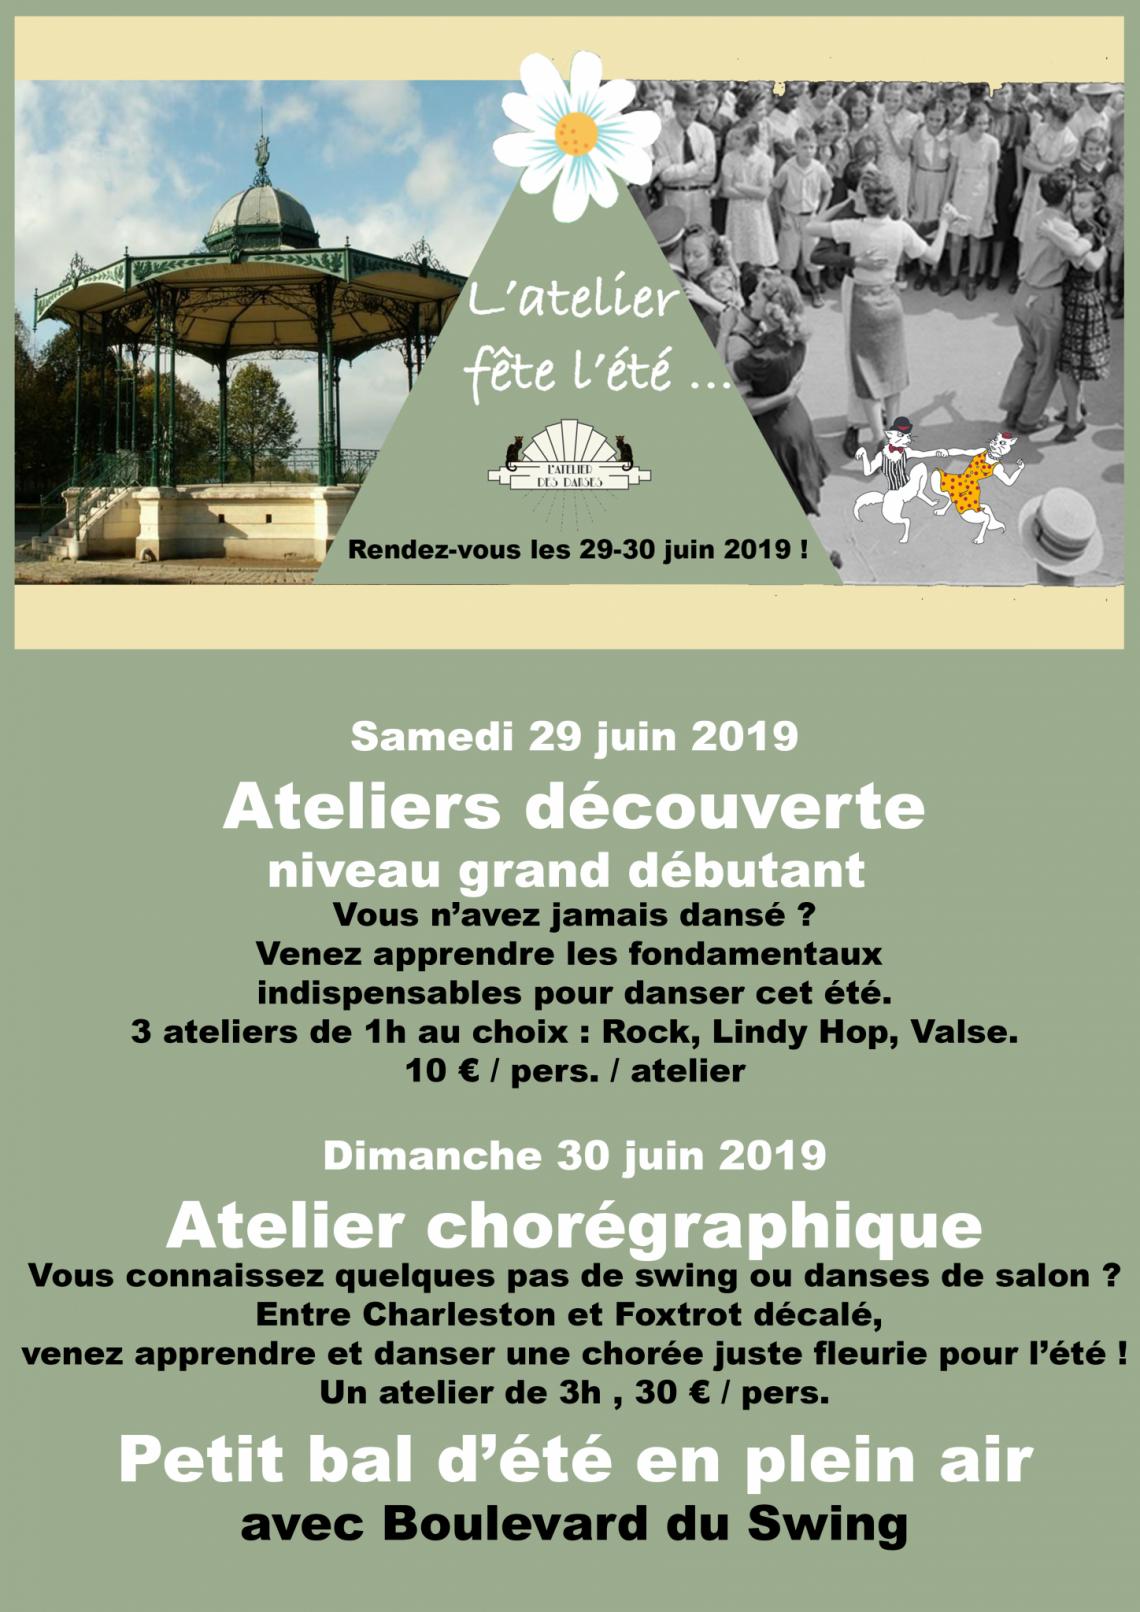 l'atelier fête l'été 2019